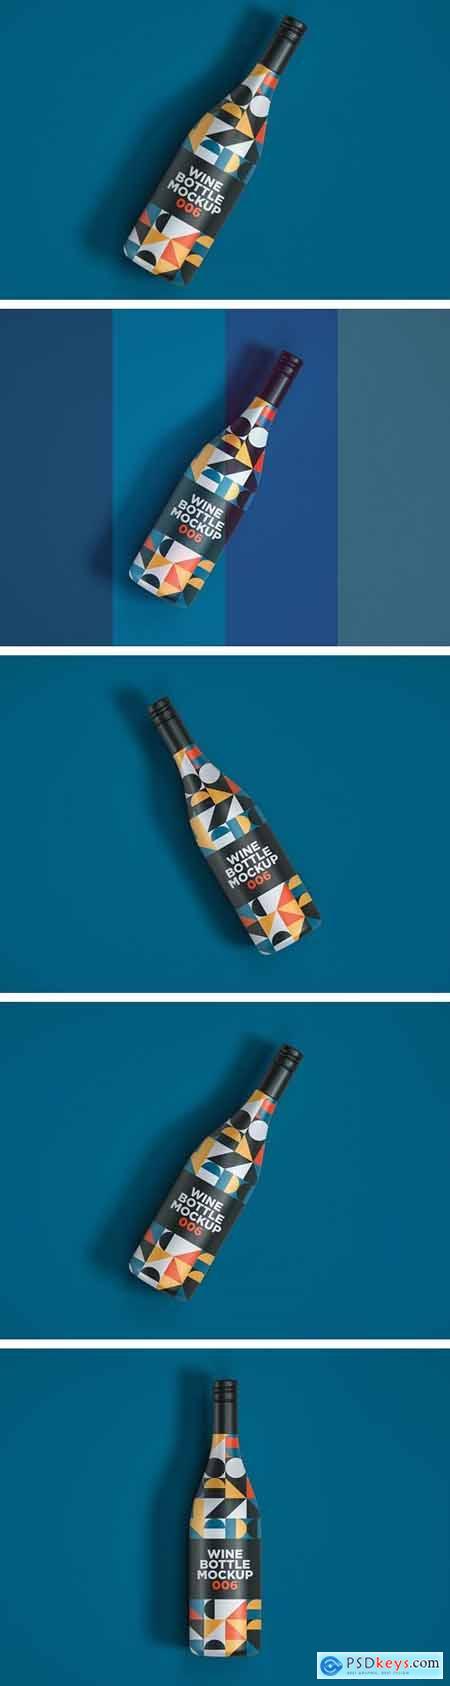 Wine Bottle Mockup 006